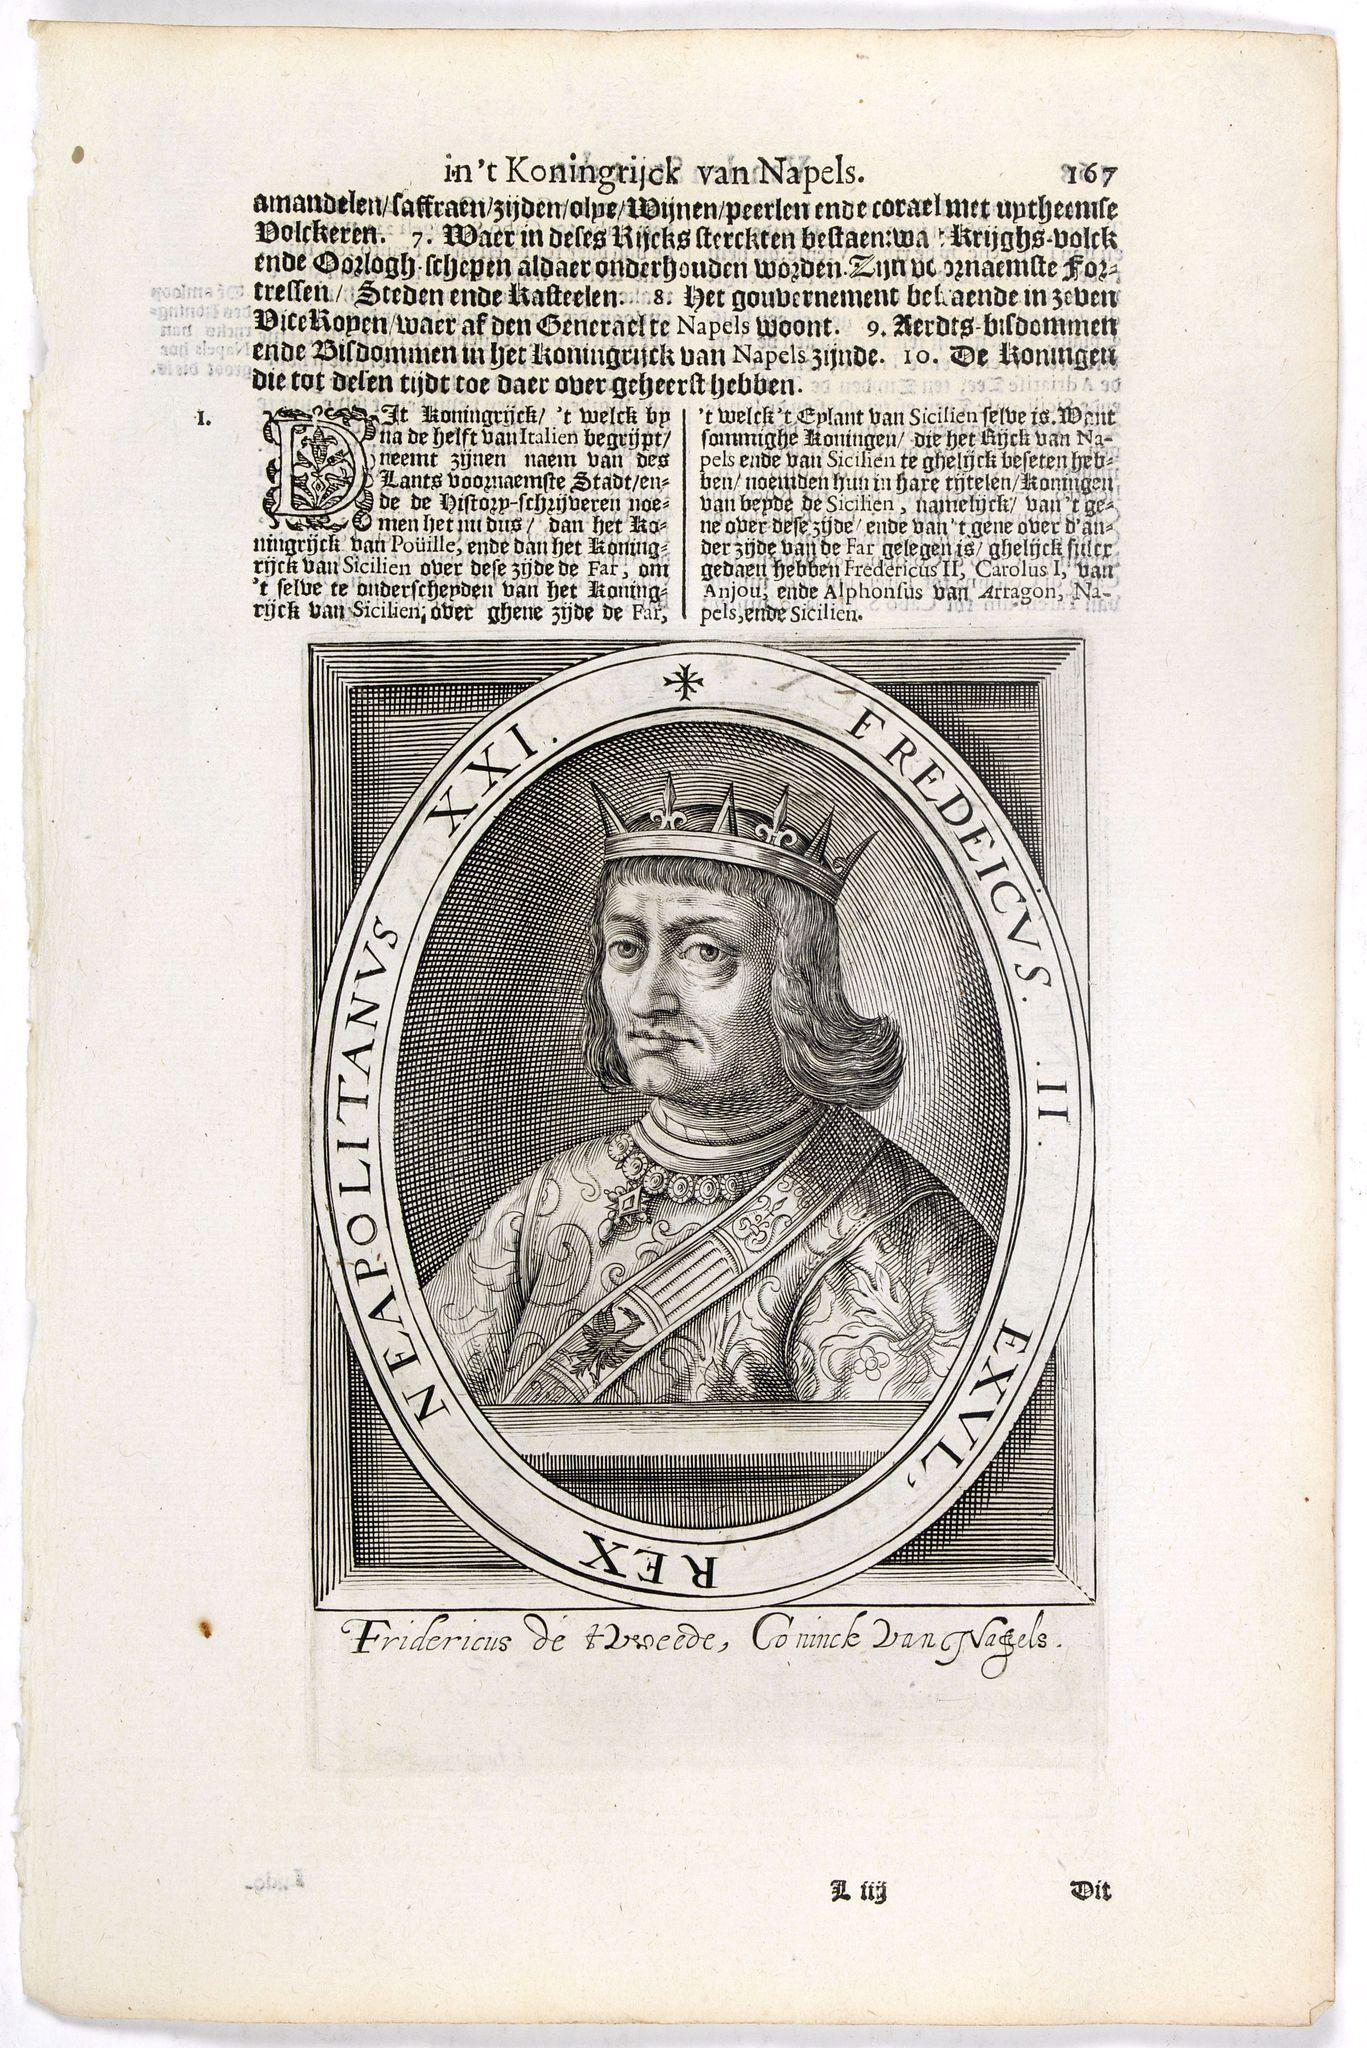 DE CLERCK, N. -  Fredeicus II.  EXVL, Rex eapoltanus XXI.